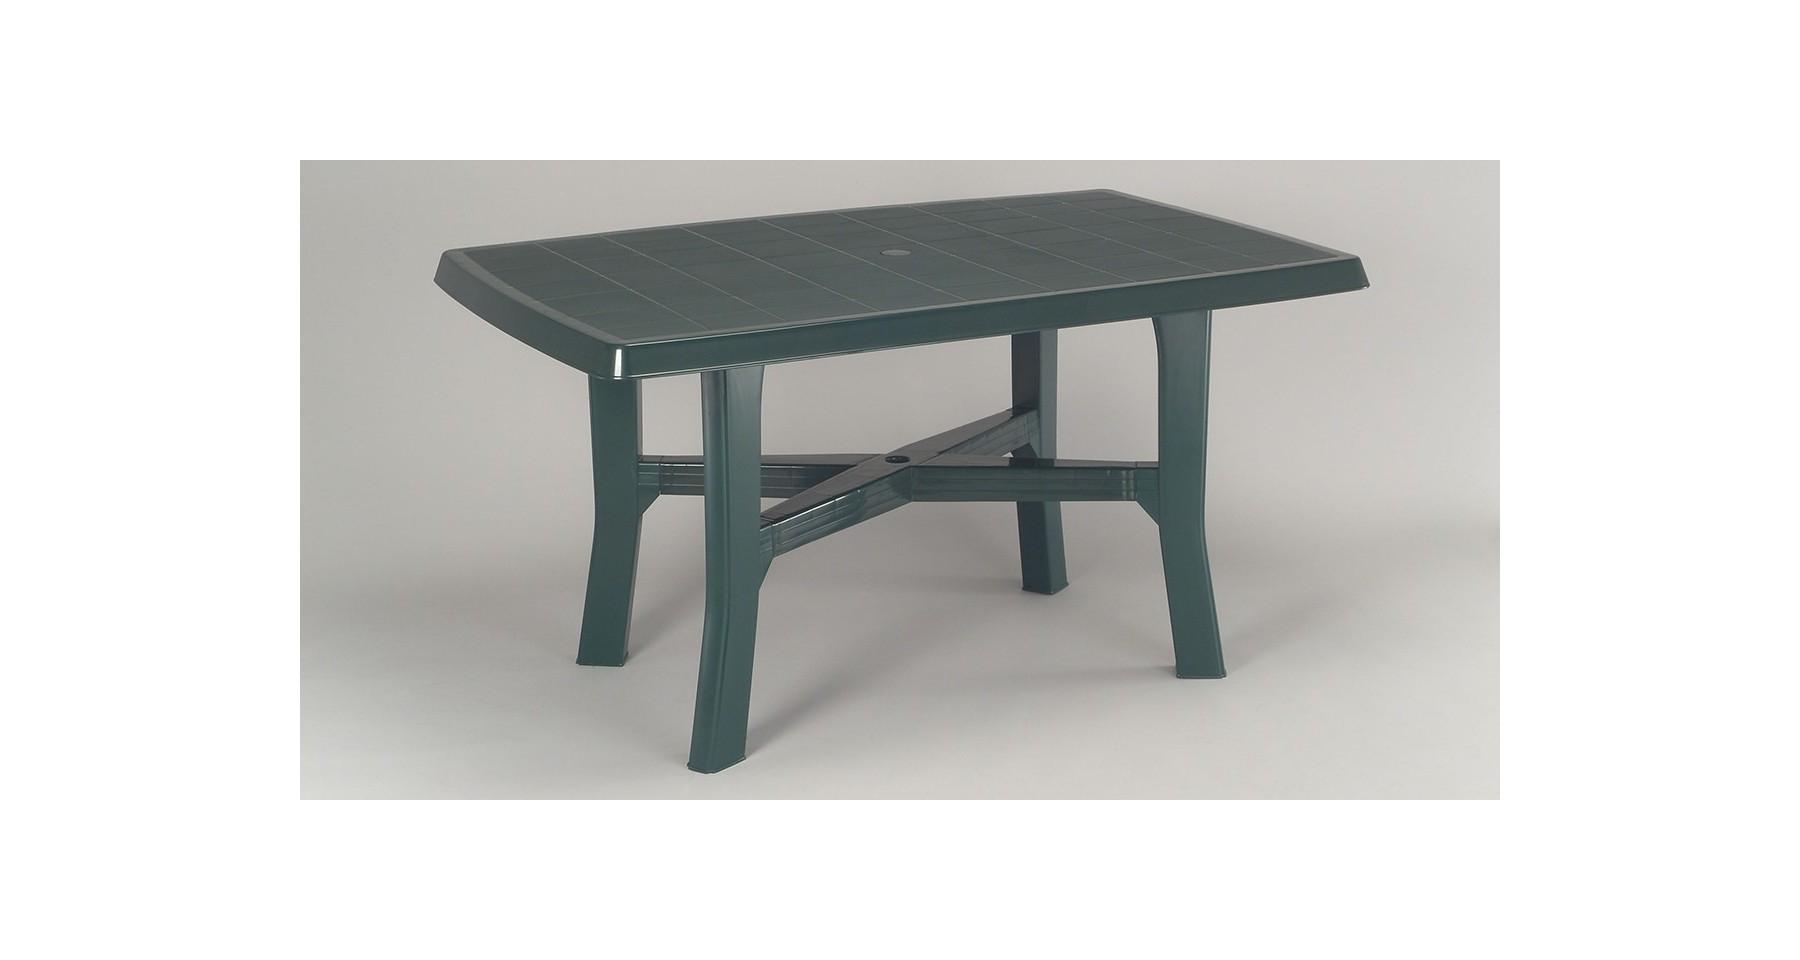 Table De Jardin En Résine Table De Jardin Verte En Résine Polypropylène 6 Personnes